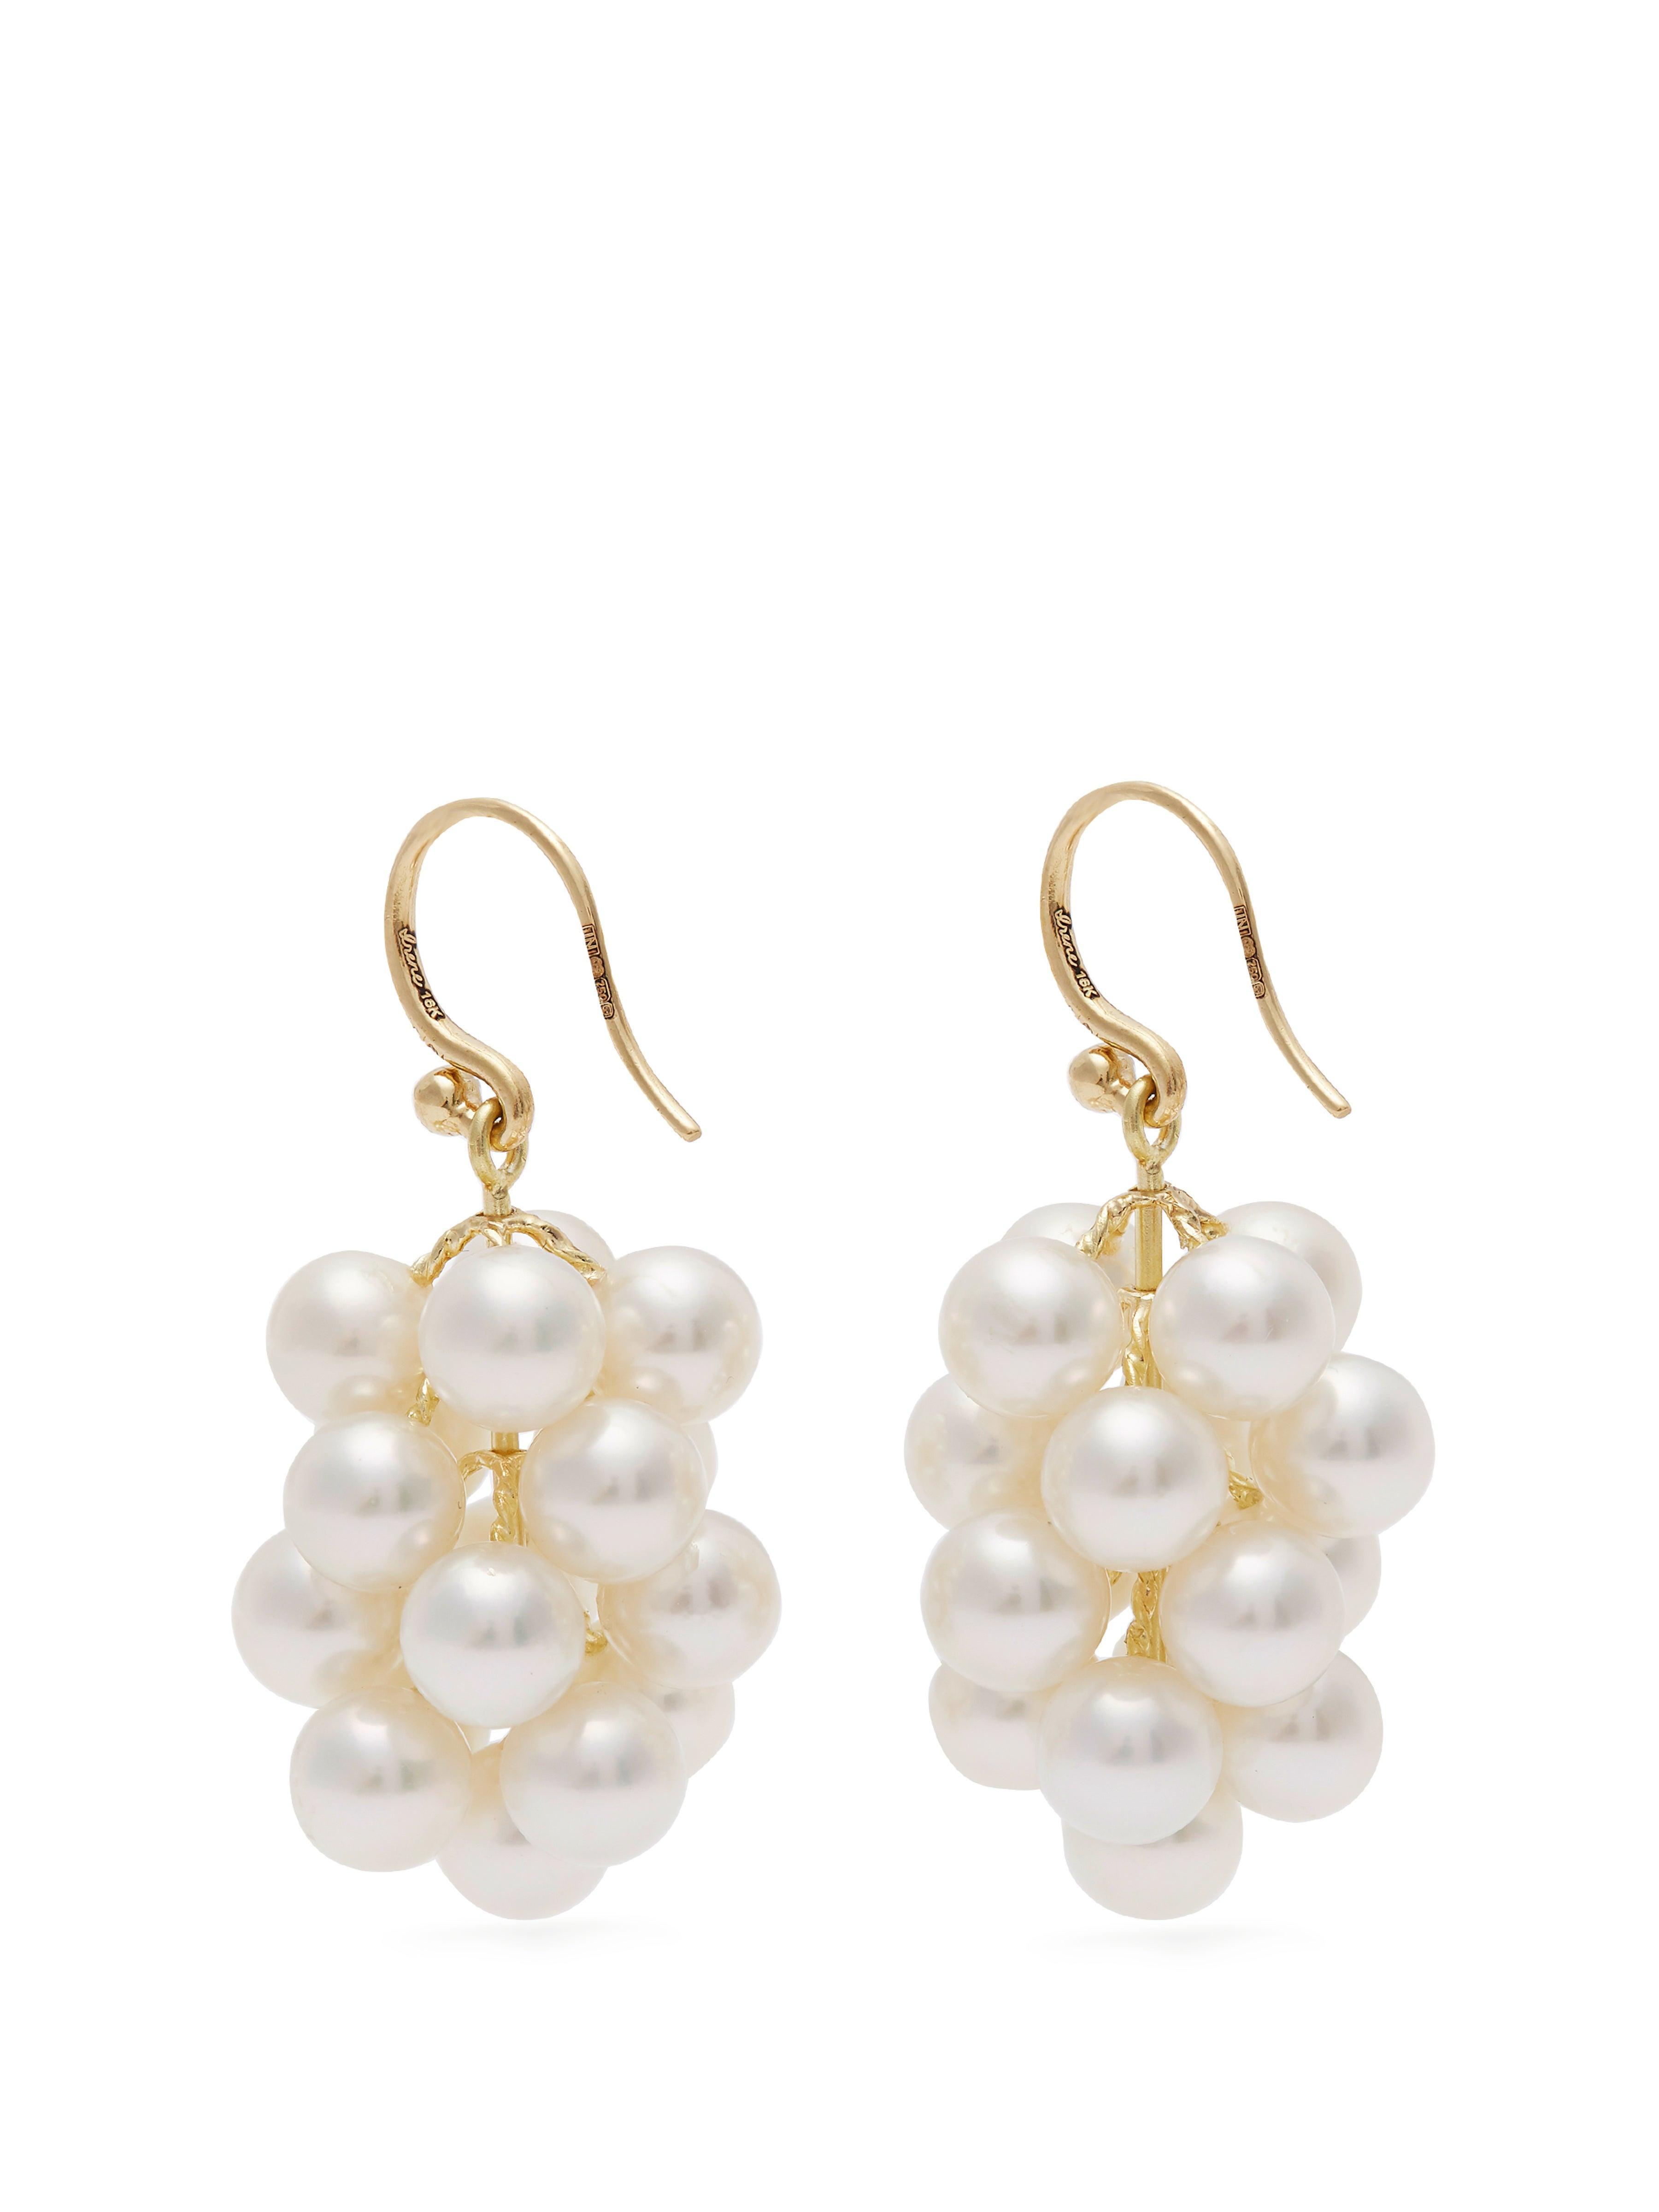 Irene Neuwirth Diamond, Emerald & Rose-gold Earring in Pearl (Metallic)